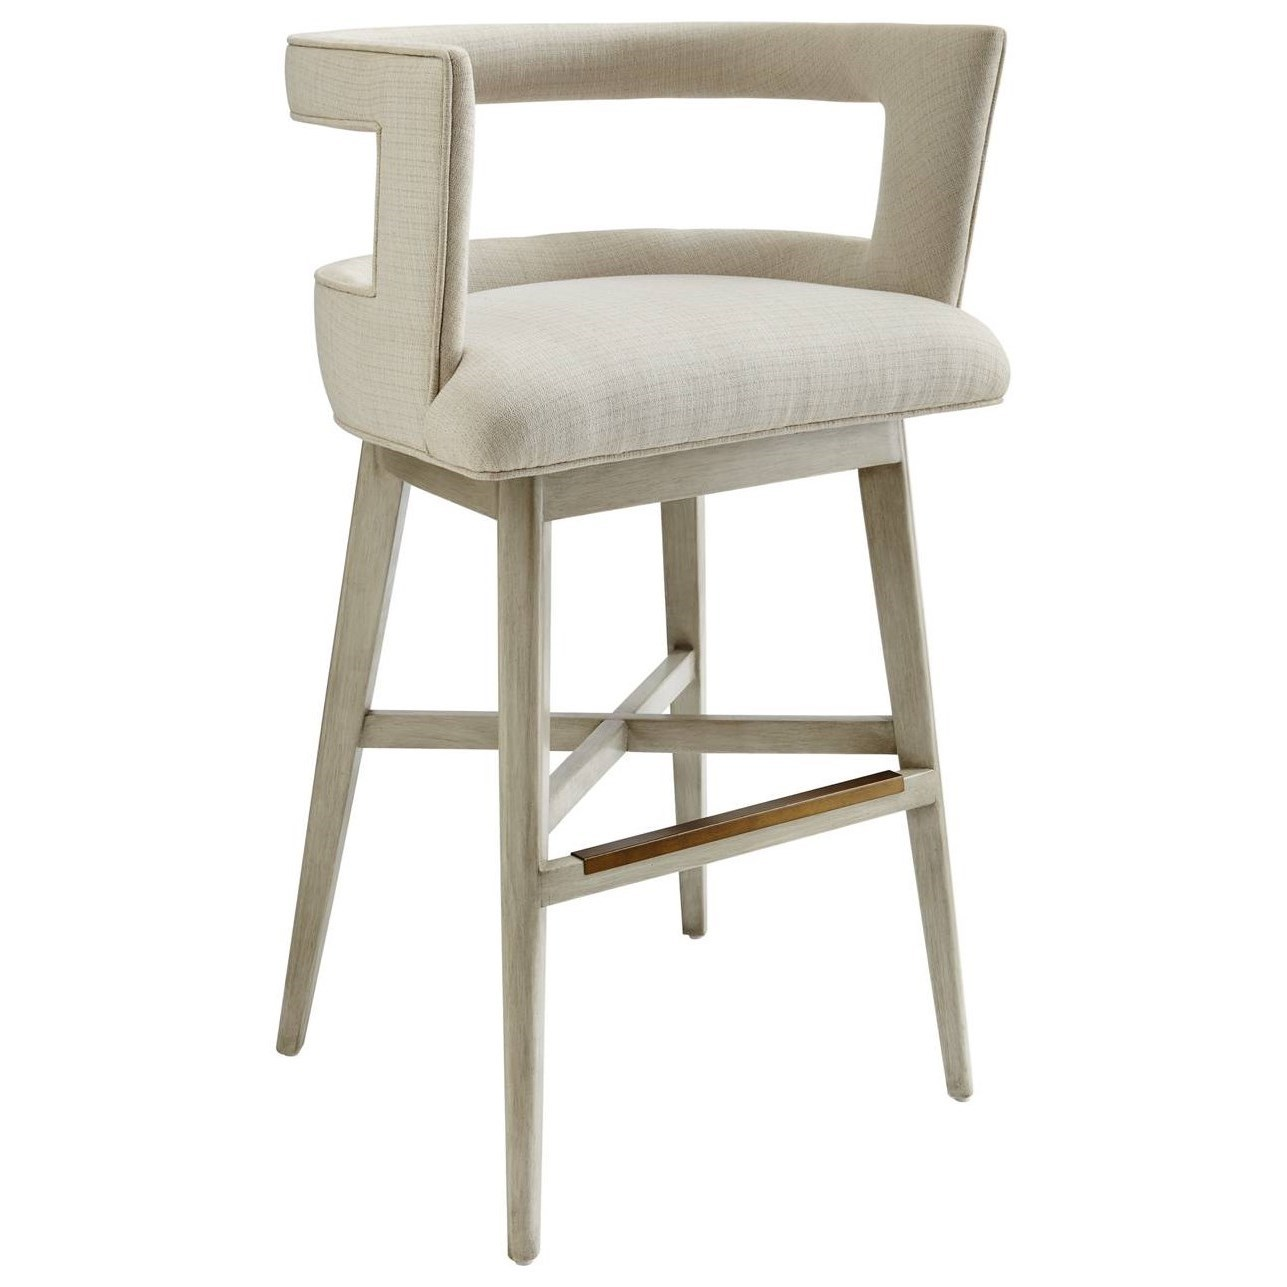 Stanley Furniture Coastal Living Oasis 527 51 73 Crestwood